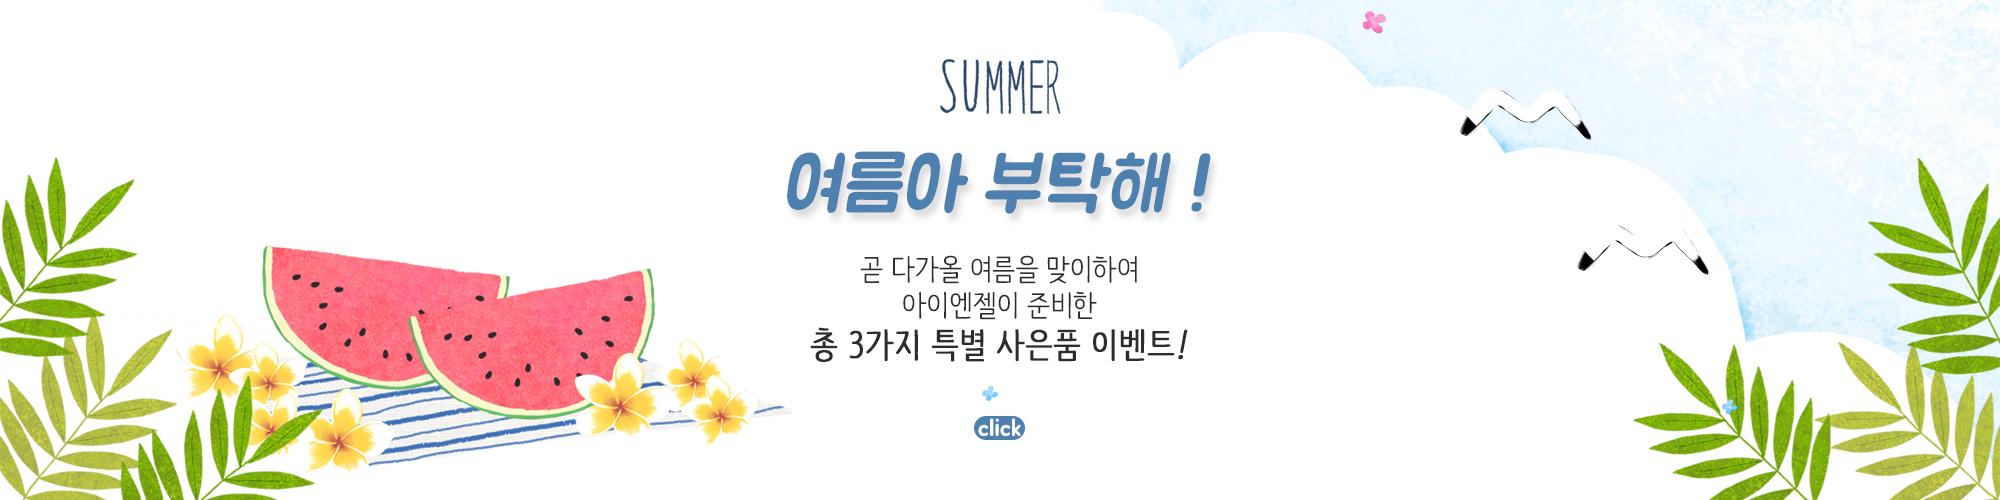 6월여름아 부탁해!